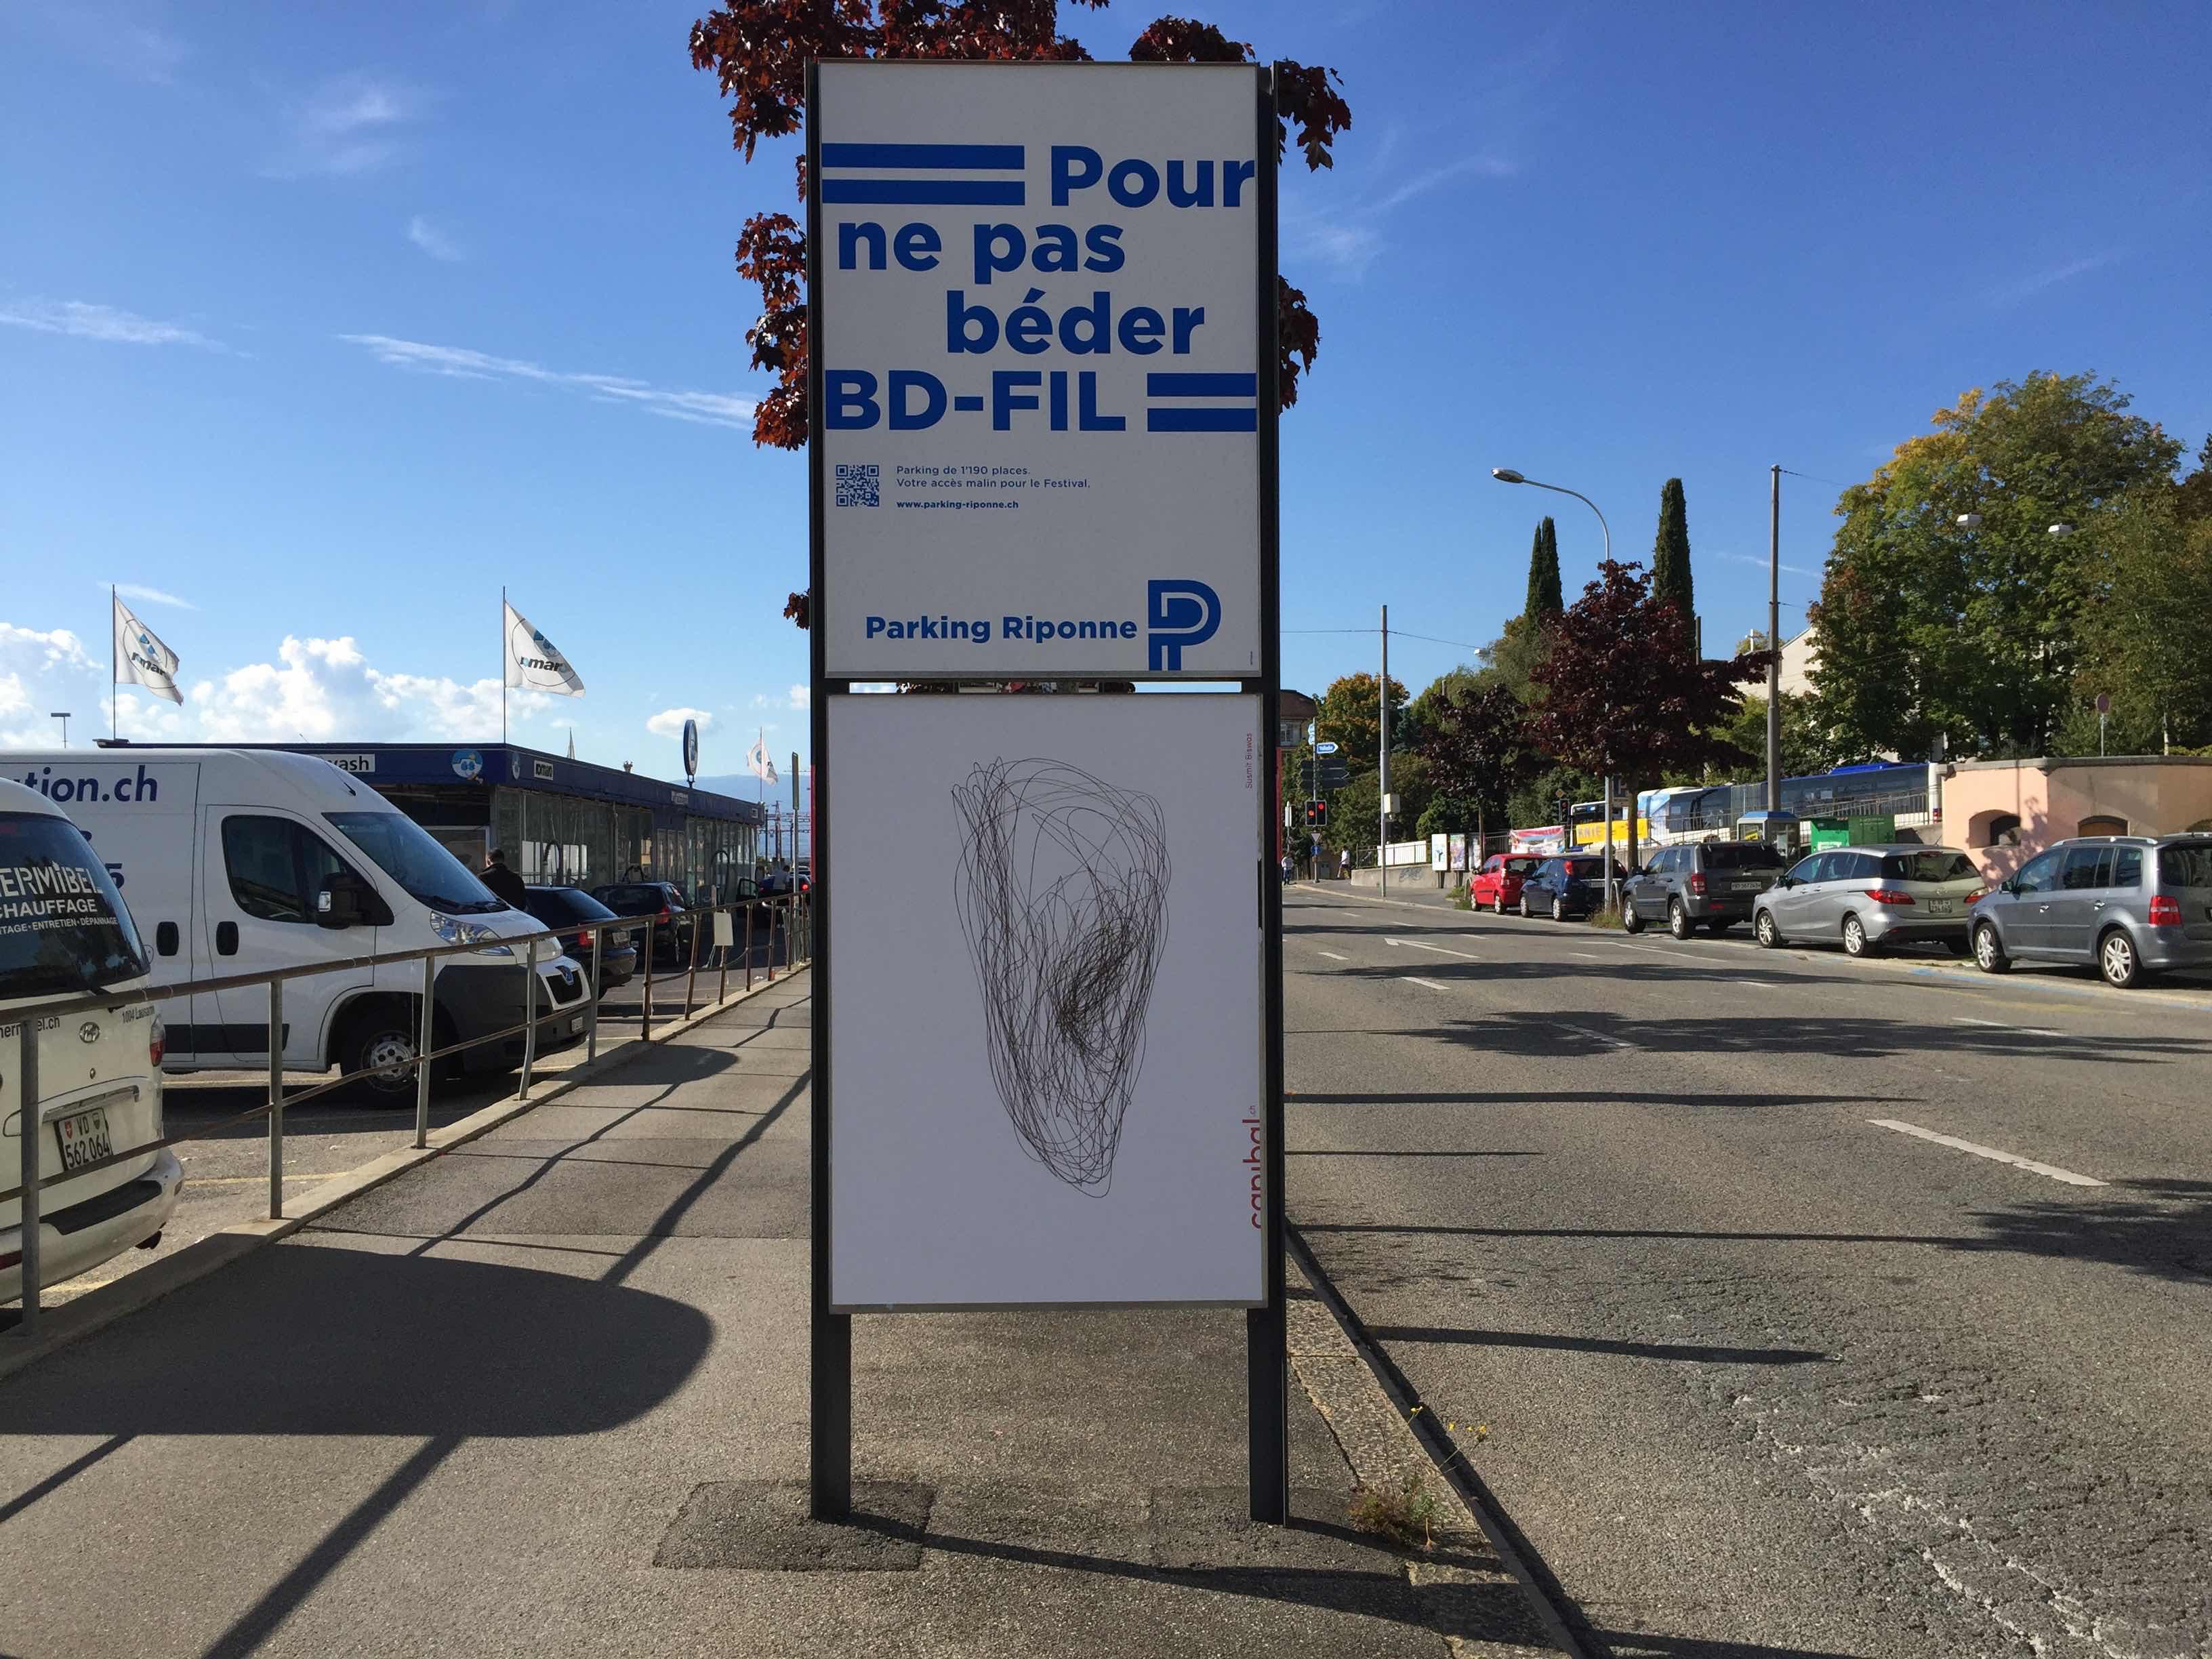 Susmit Biswas, rue de genève 105, Lausanne-IMG_5782